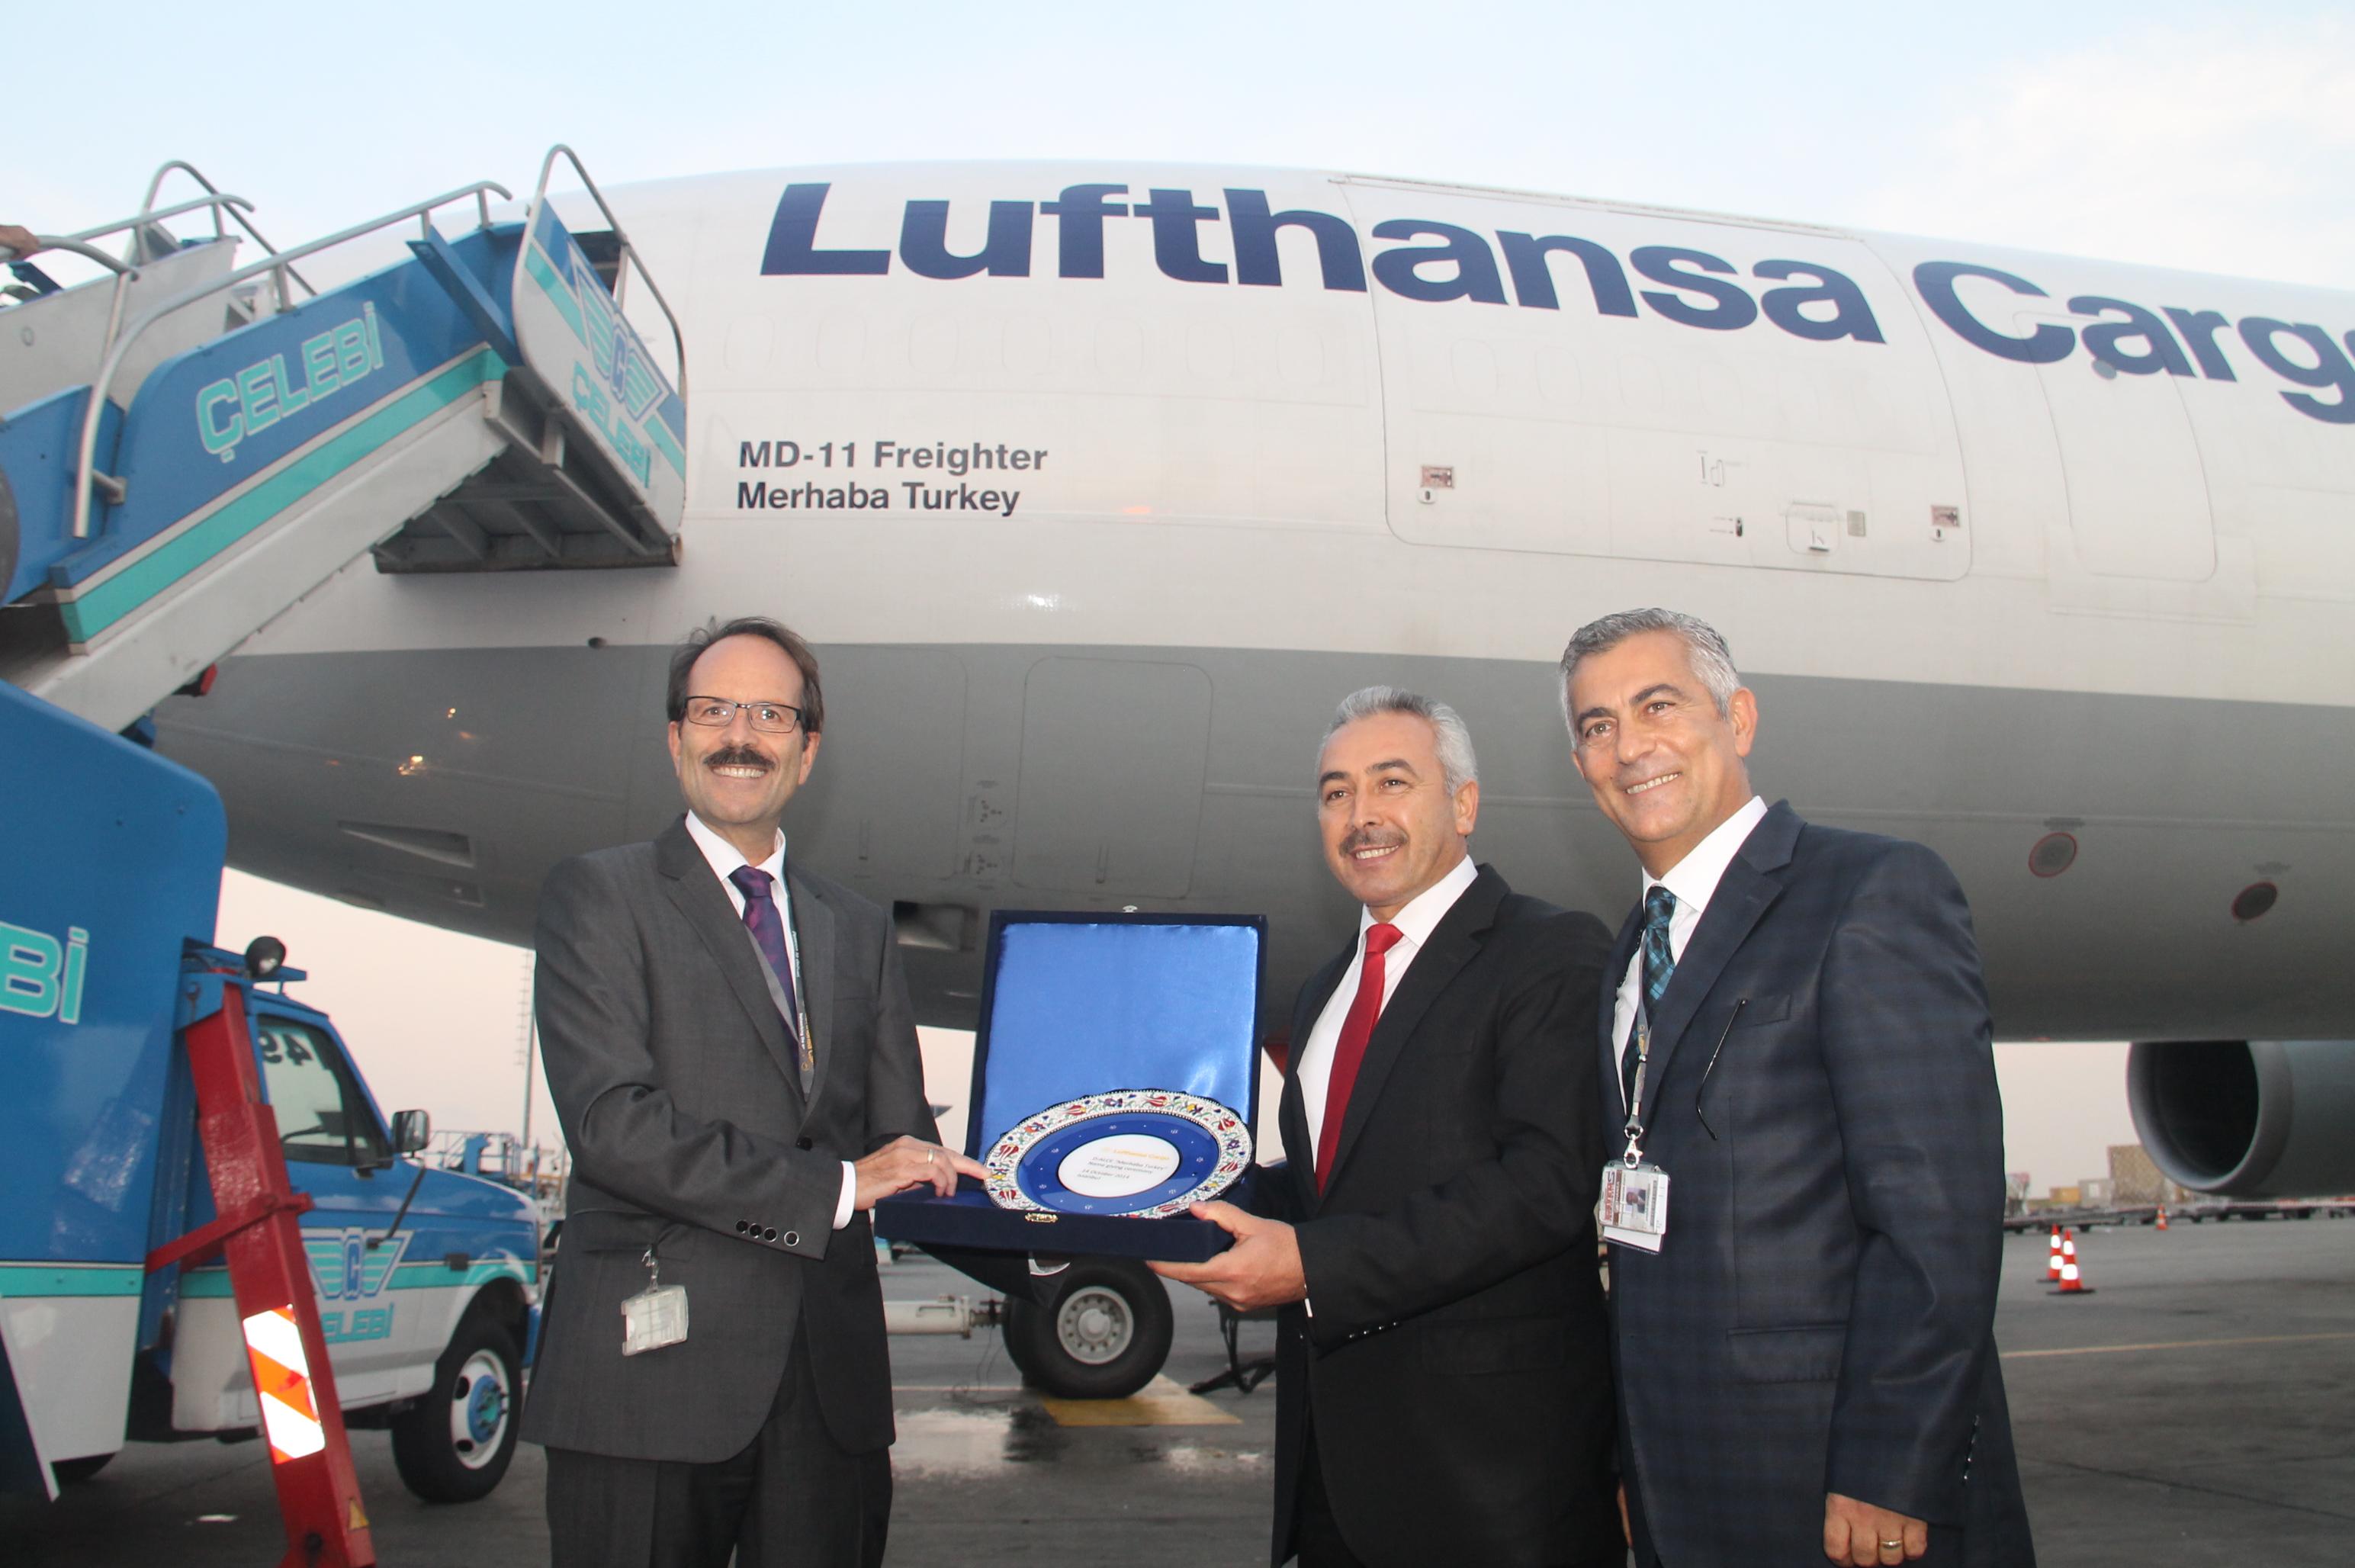 Lufthansa'nın yeni kargo uçağı Merhaba Turkey galerisi resim 10